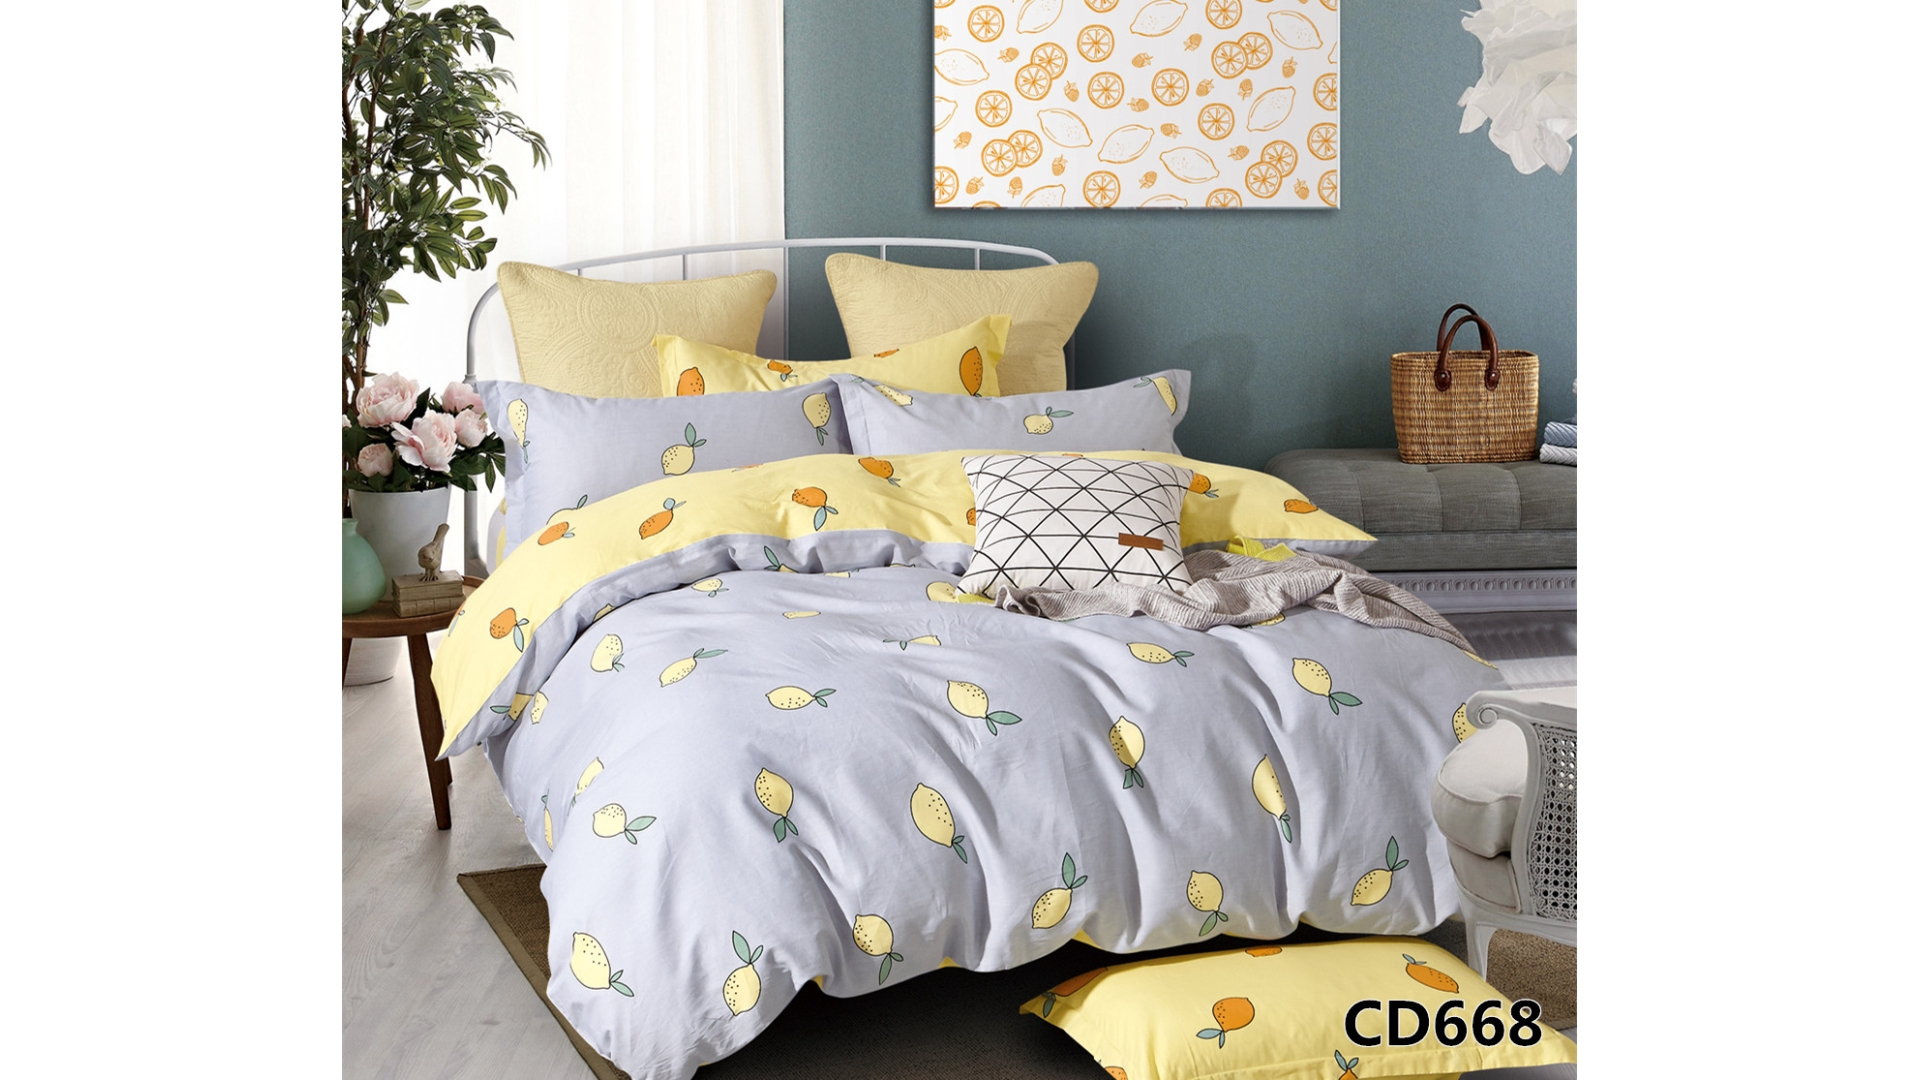 Комплект постельного белья Арлет (CD668) фото FullHD (0)